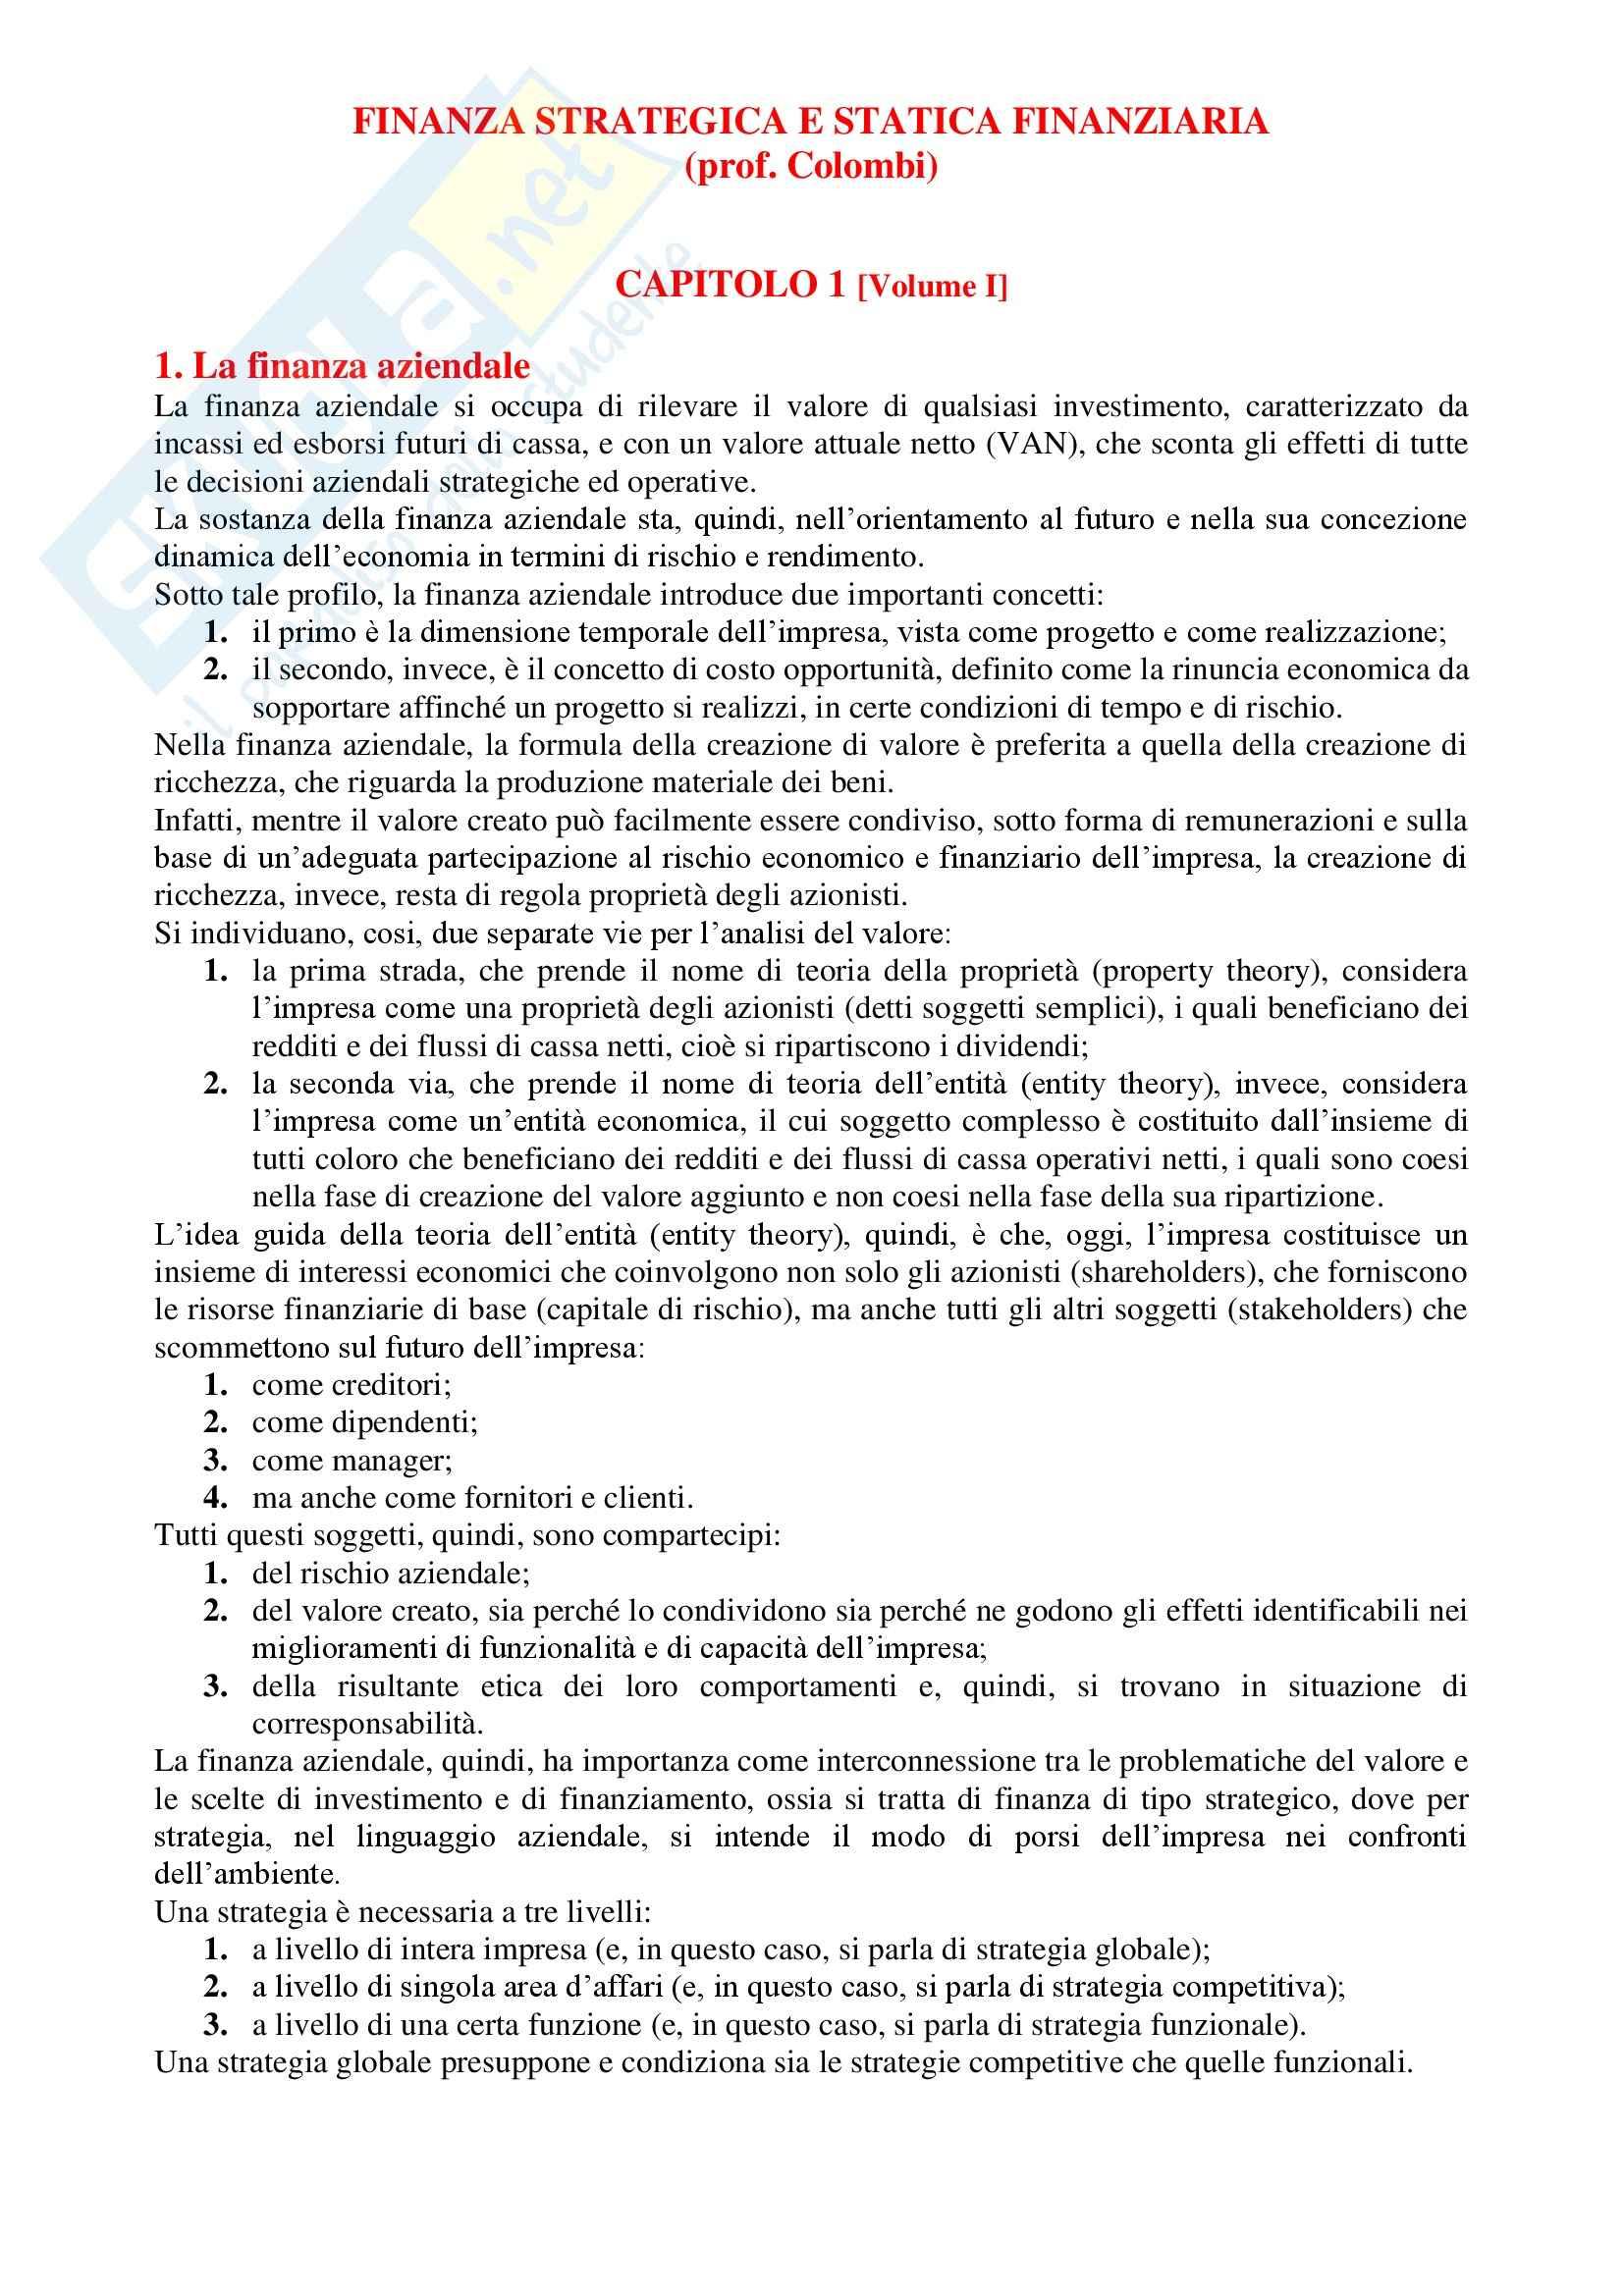 Finanza aziendale - Appunti